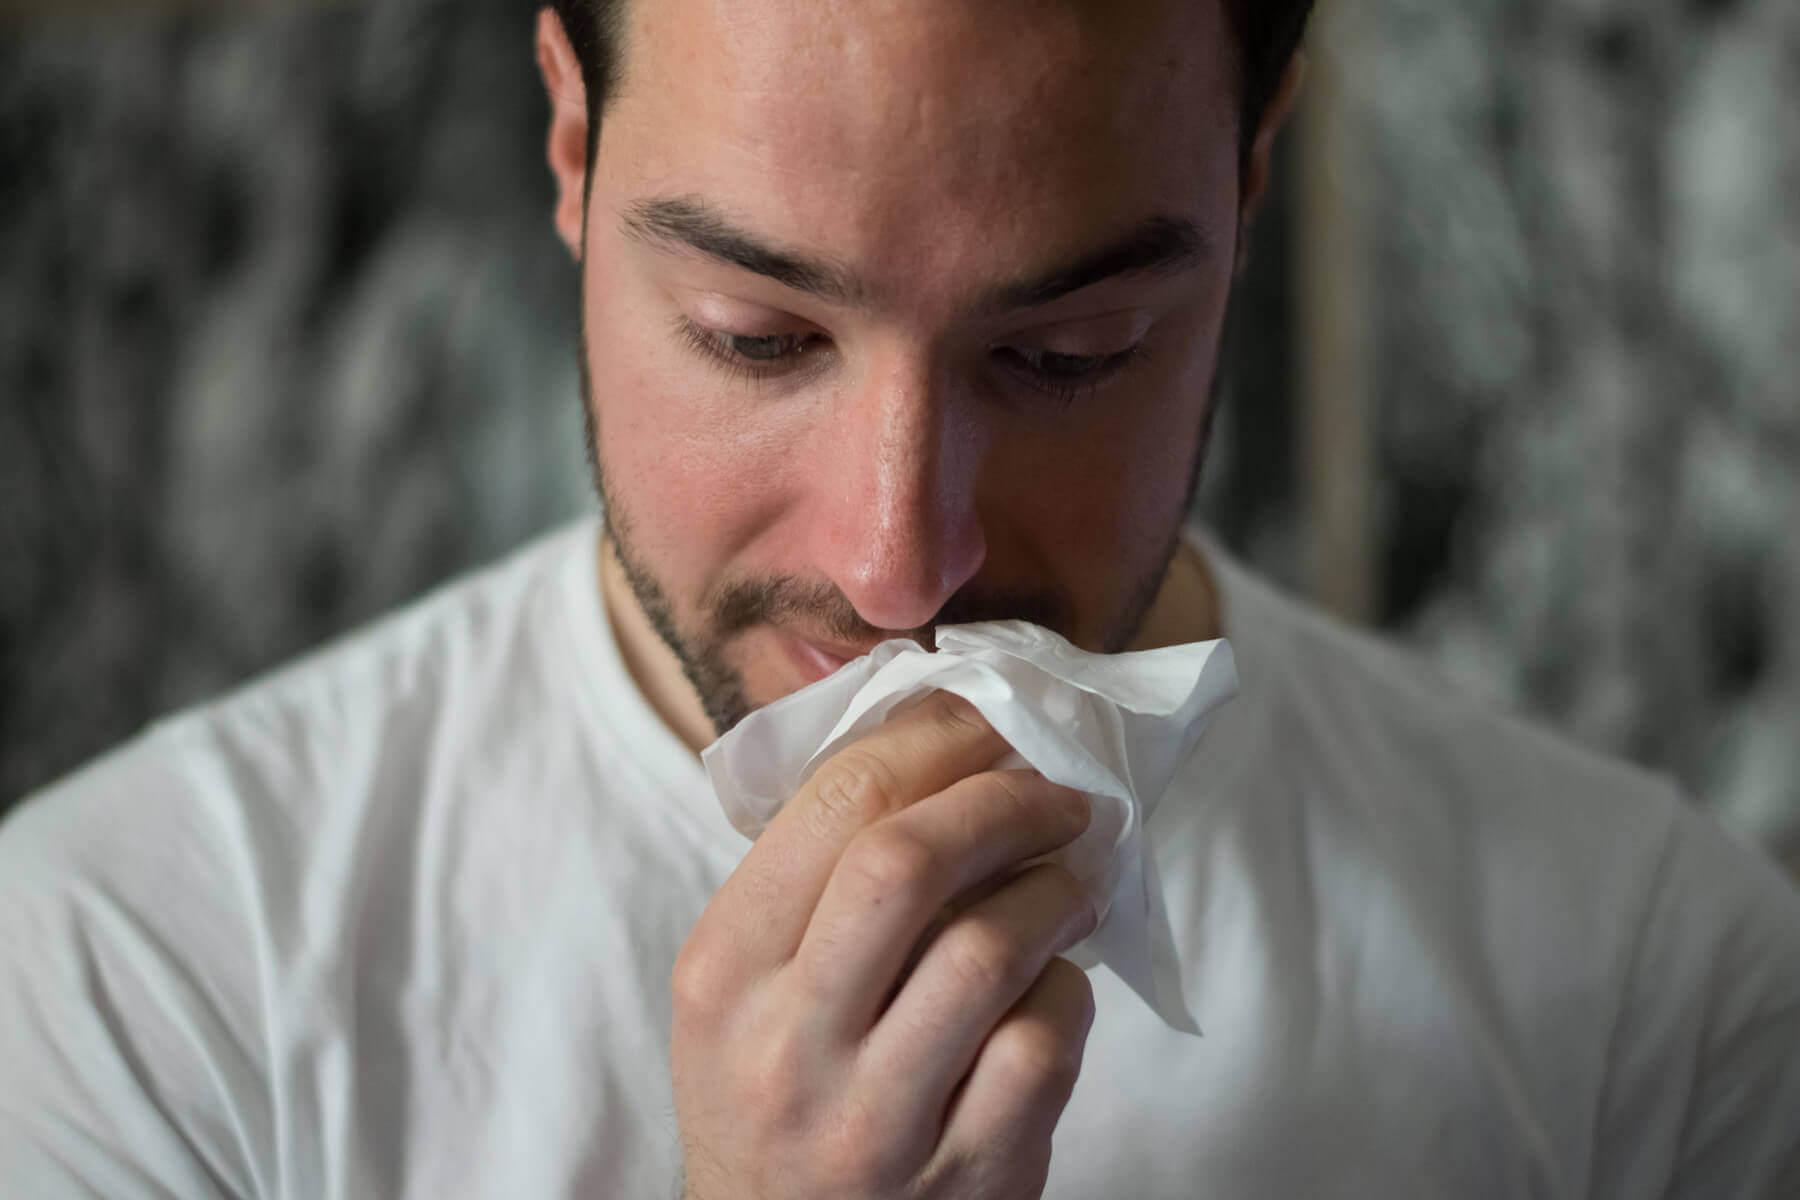 Bei Erkältung über WhatsApp krankschreiben